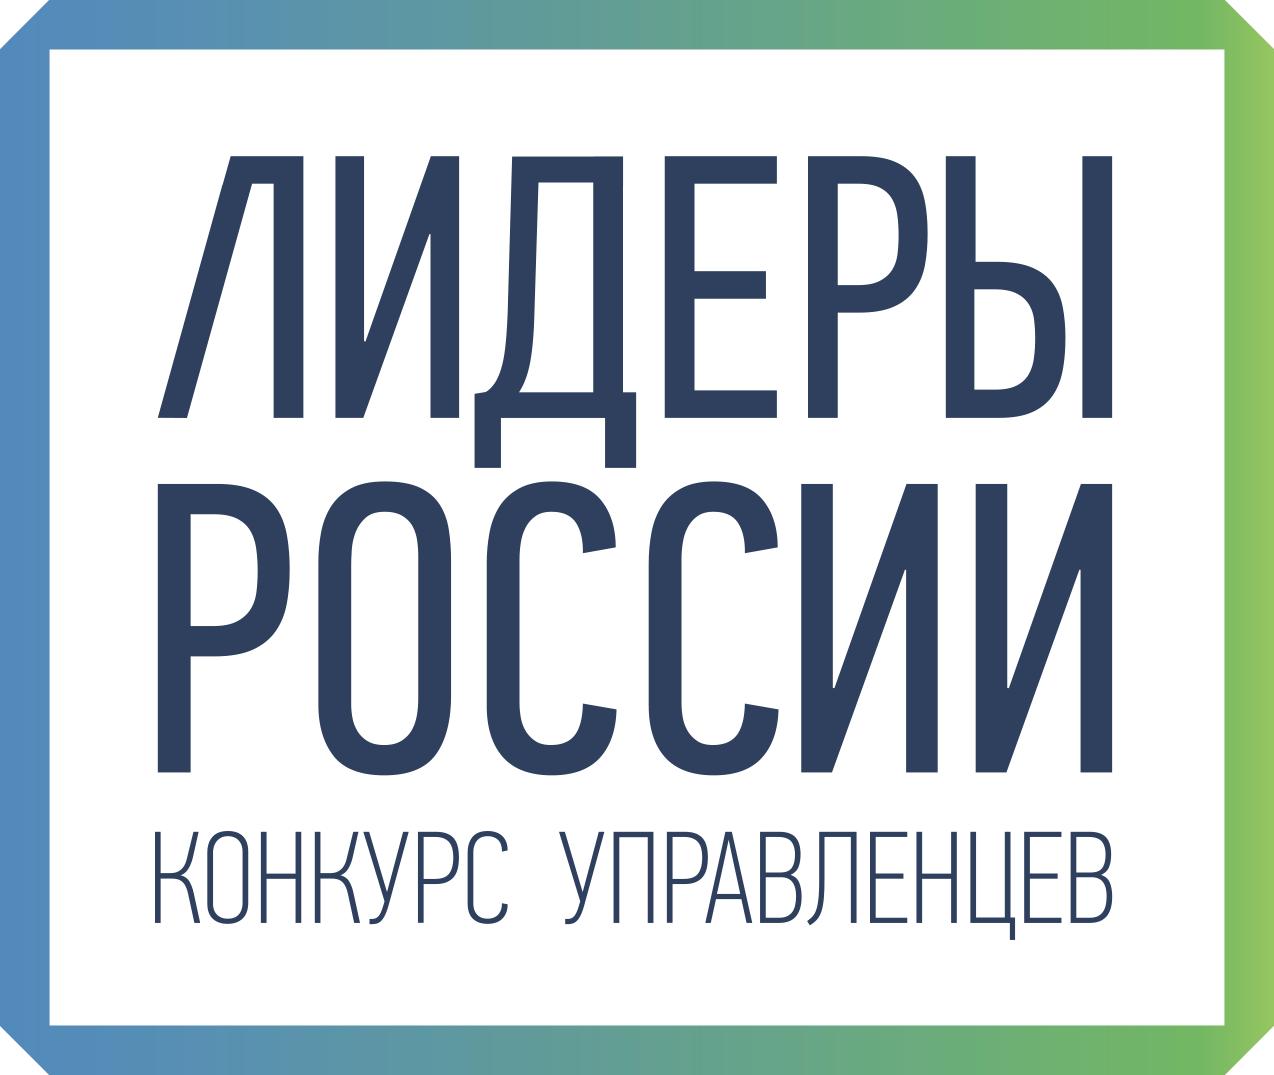 Шестеро представителей Тверской области в полуфинале конкурса «Лидеры России» борются за выход в суперфинал